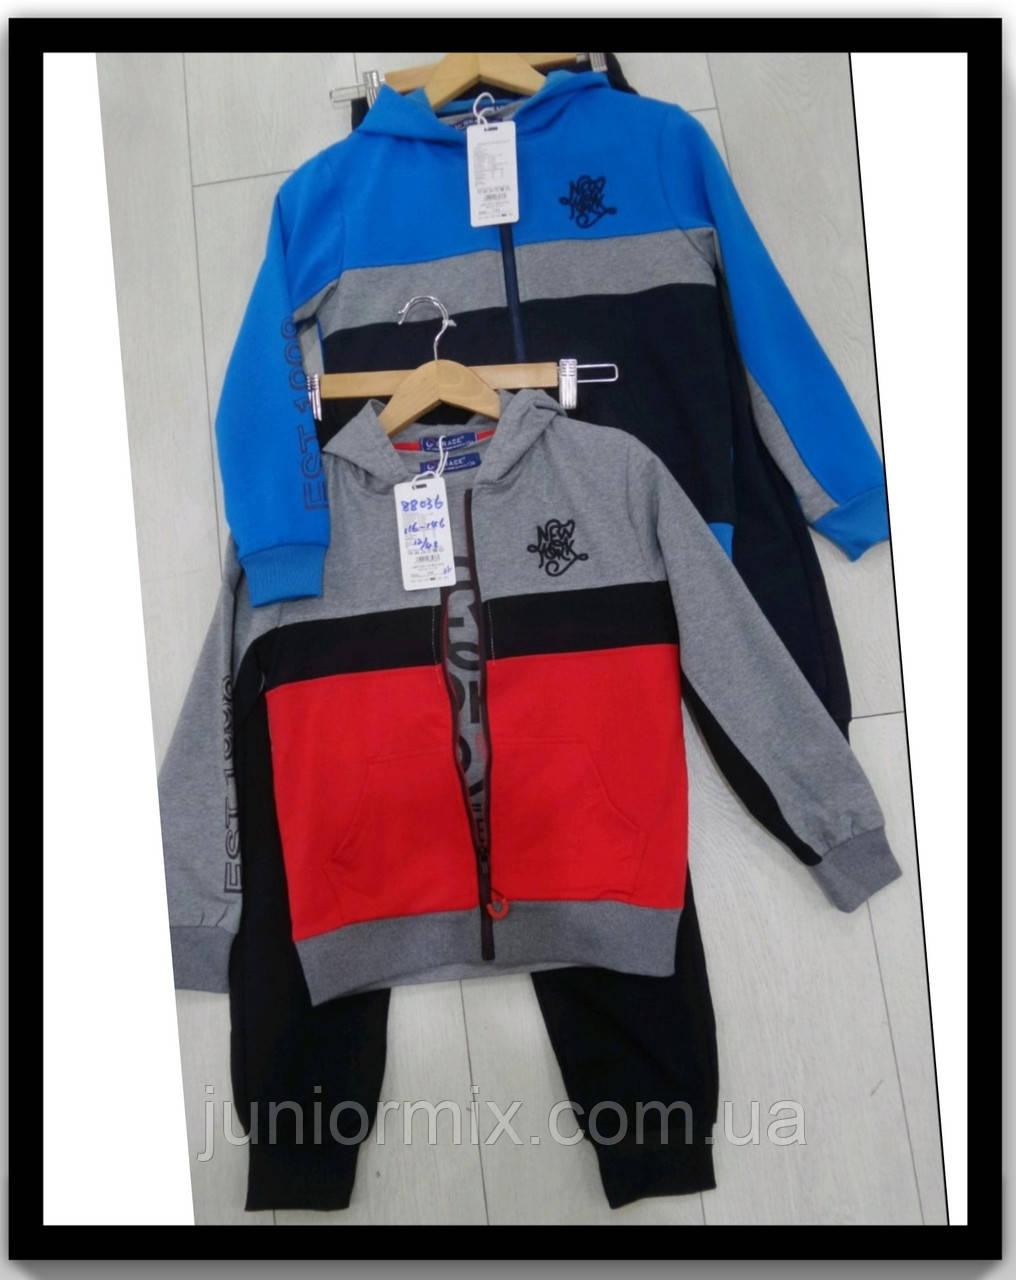 Оптом дитячі трикотажні спортивні костюми трійки для хлопчика GRACE 116---146см